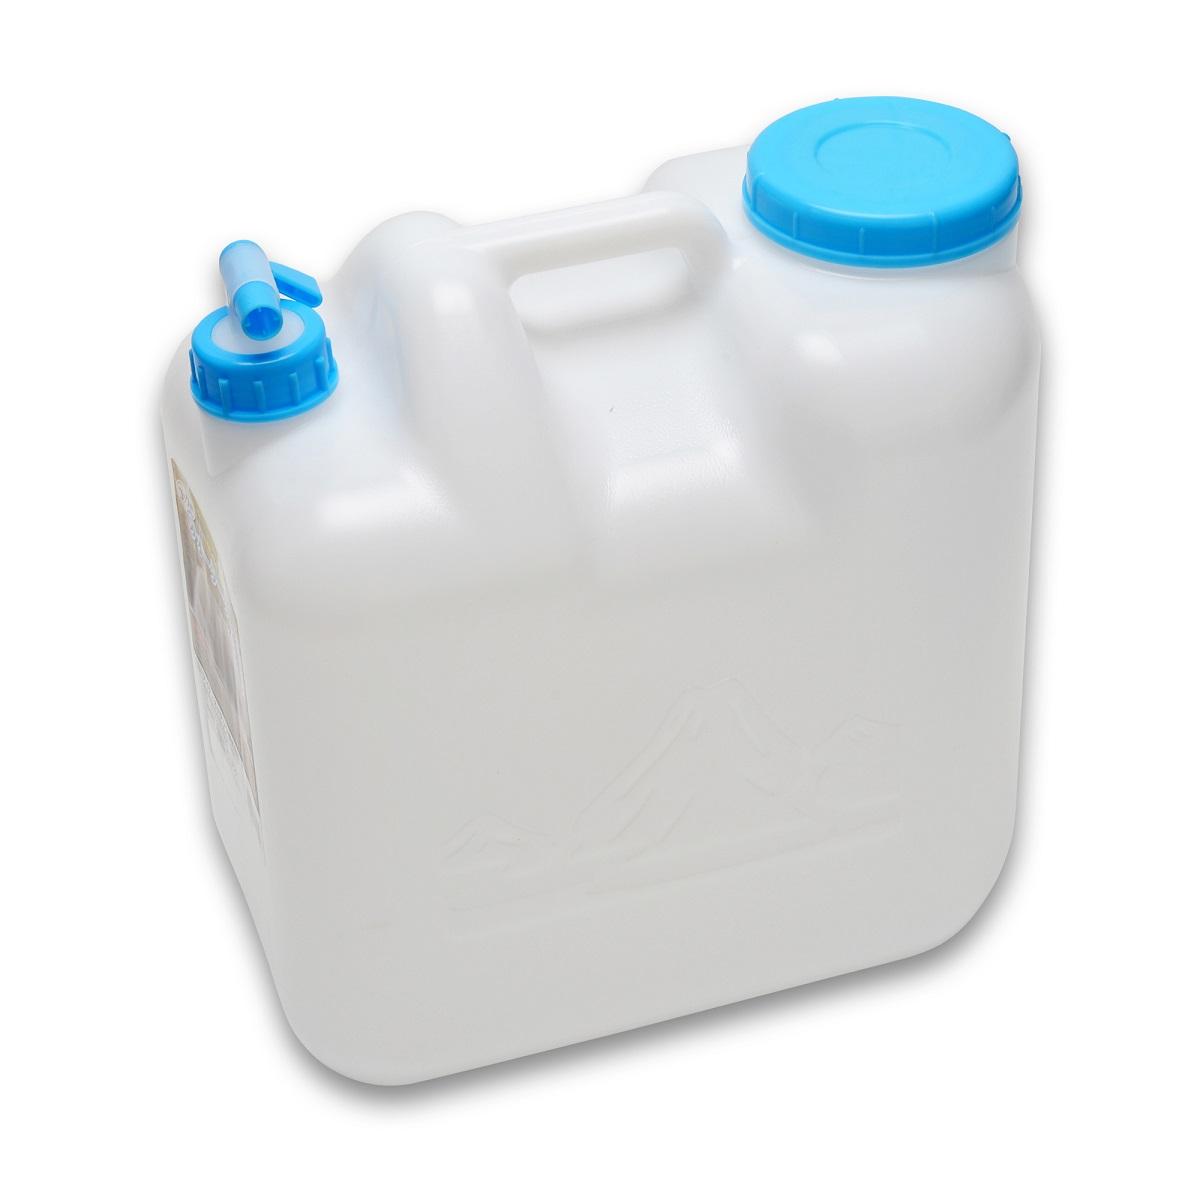 ※コック付 便利なポリ缶 用途は様々 貯水 レジャーなど容量20Lで大活躍 4個まで送料は1個口 4個以上ご購入の場合は5個セット 8個セットをご用意しております ポリ缶 水缶 コック付 ポリタンク 20L レジャー 着後レビューで 送料無料 ウォータータンク20L 白 メーカー在庫限り品